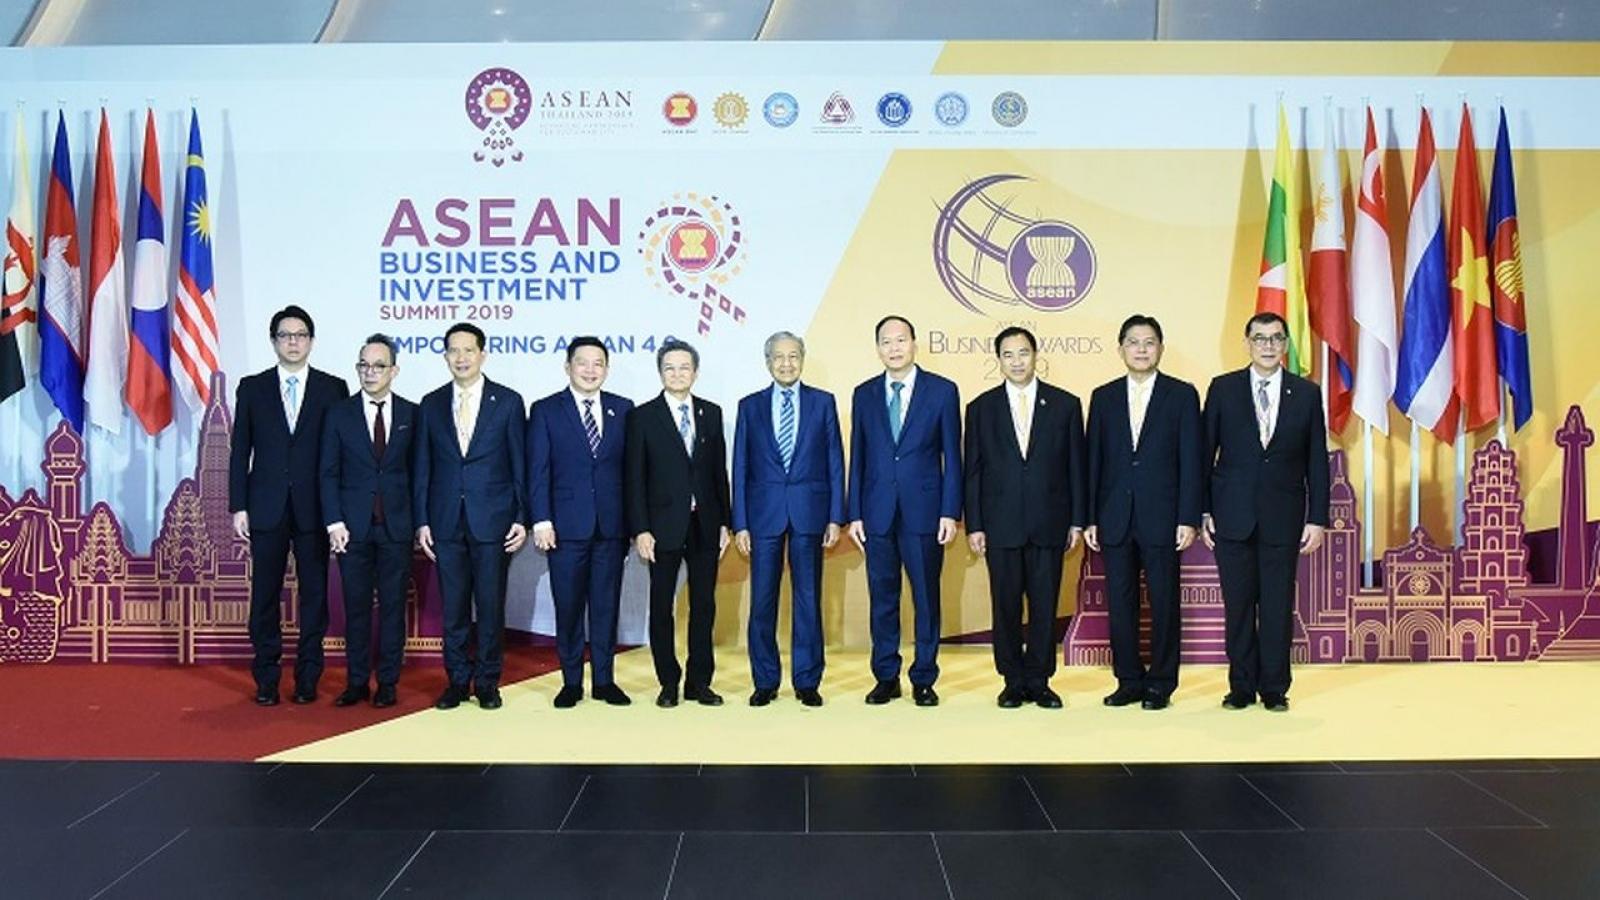 Hôm nay diễn ra Hội nghị Thượng đỉnh về Kinh doanh và Đầu tư ASEAN